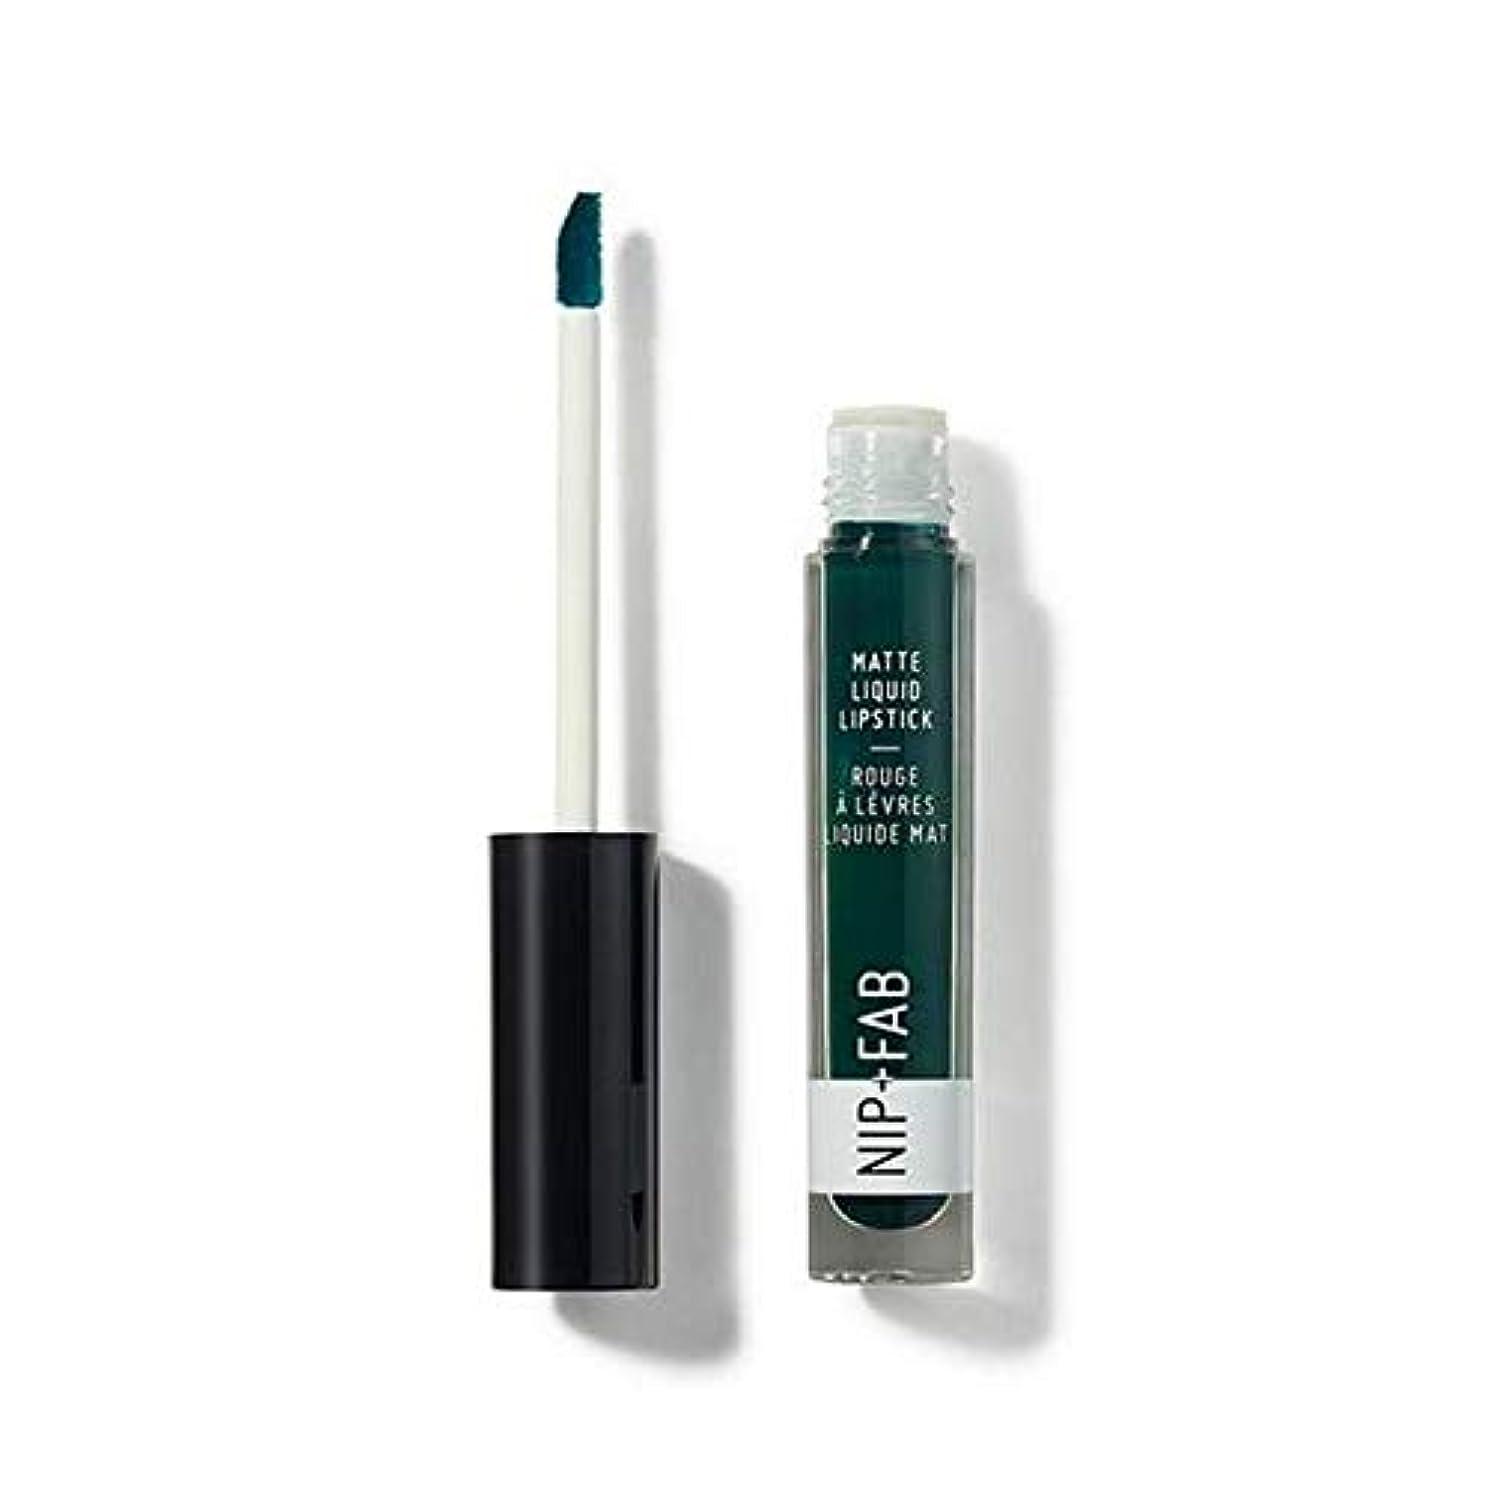 修士号増強組[Nip & Fab ] + Fabマット液状口紅クールミント65ニップ - Nip+Fab Matte Liquid Lipstick Cool Mint 65 [並行輸入品]